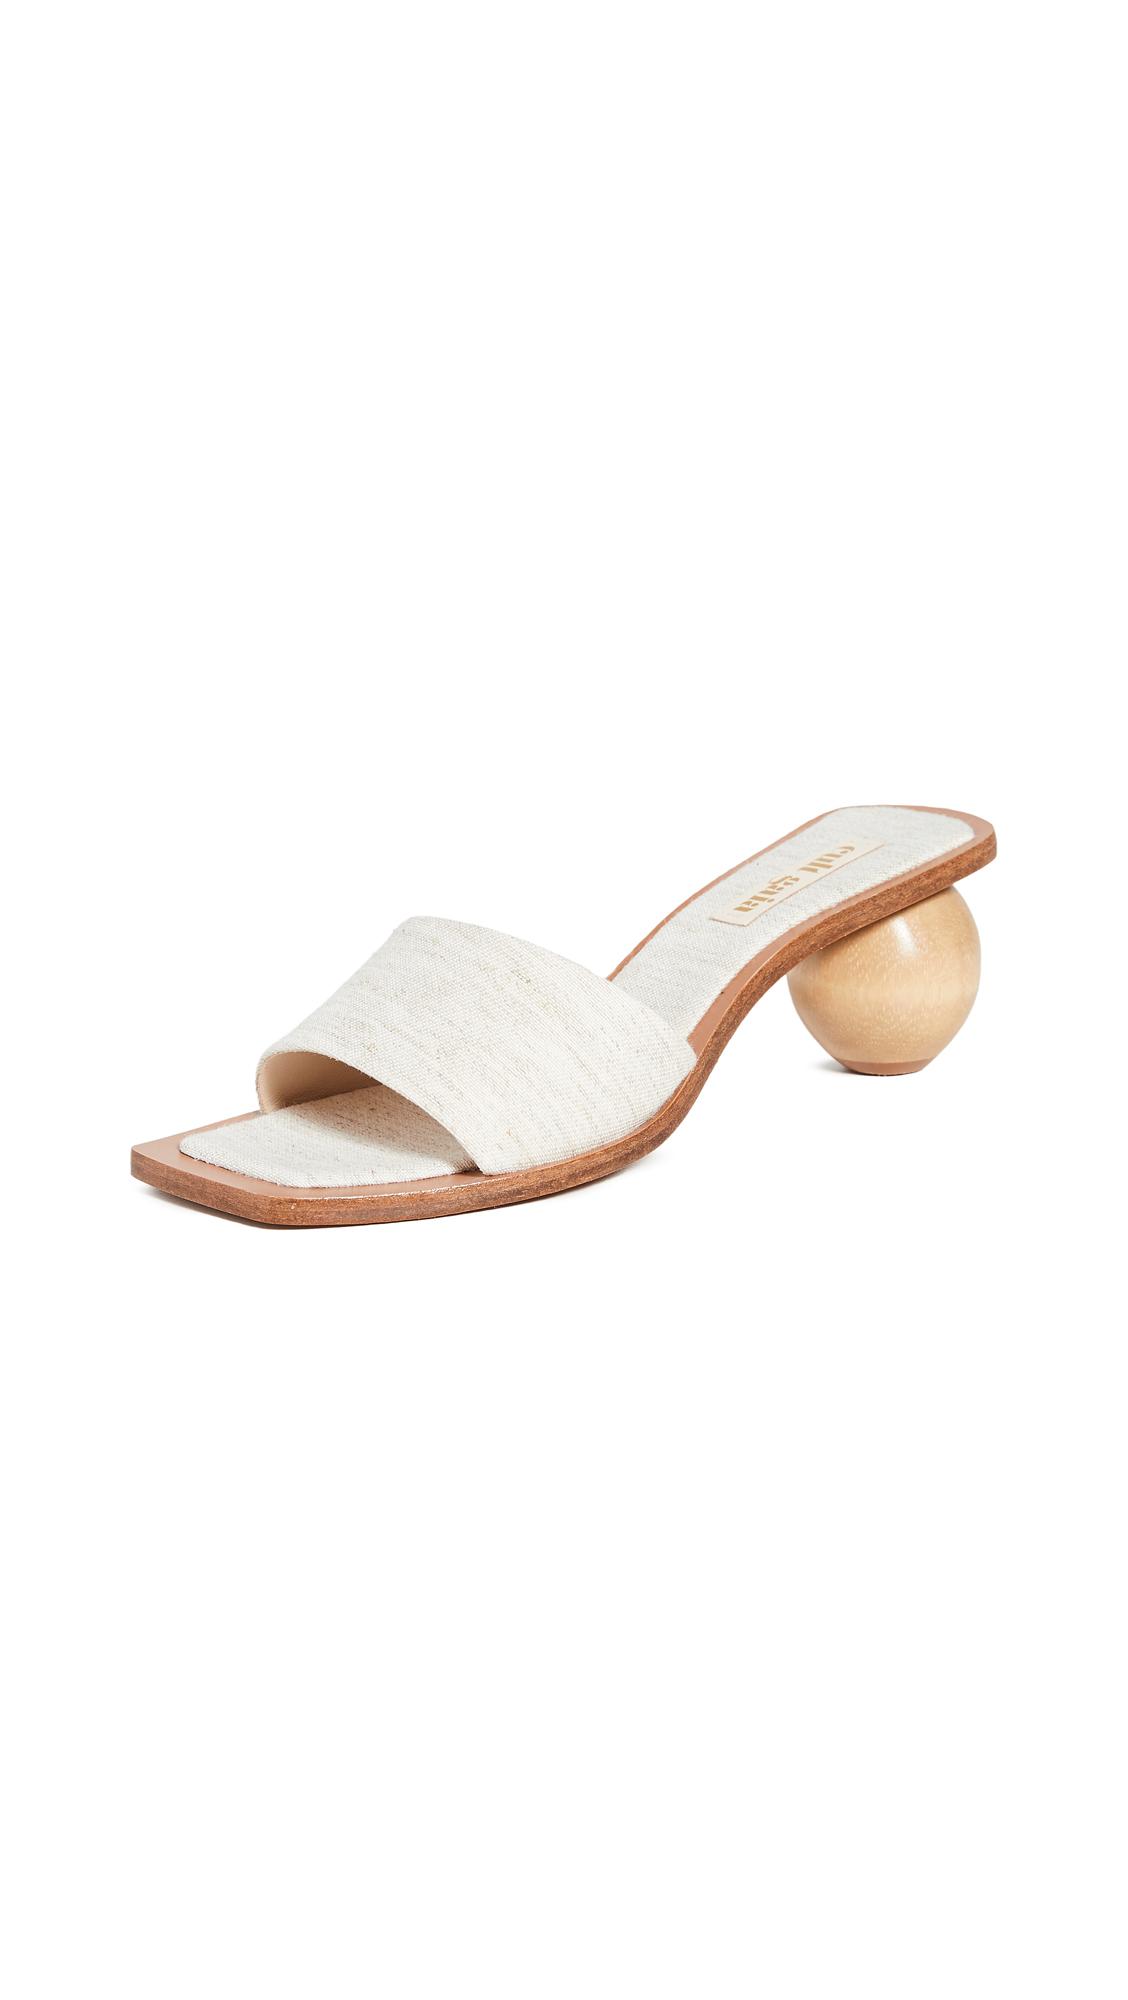 Buy Cult Gaia Tao Sandals online, shop Cult Gaia